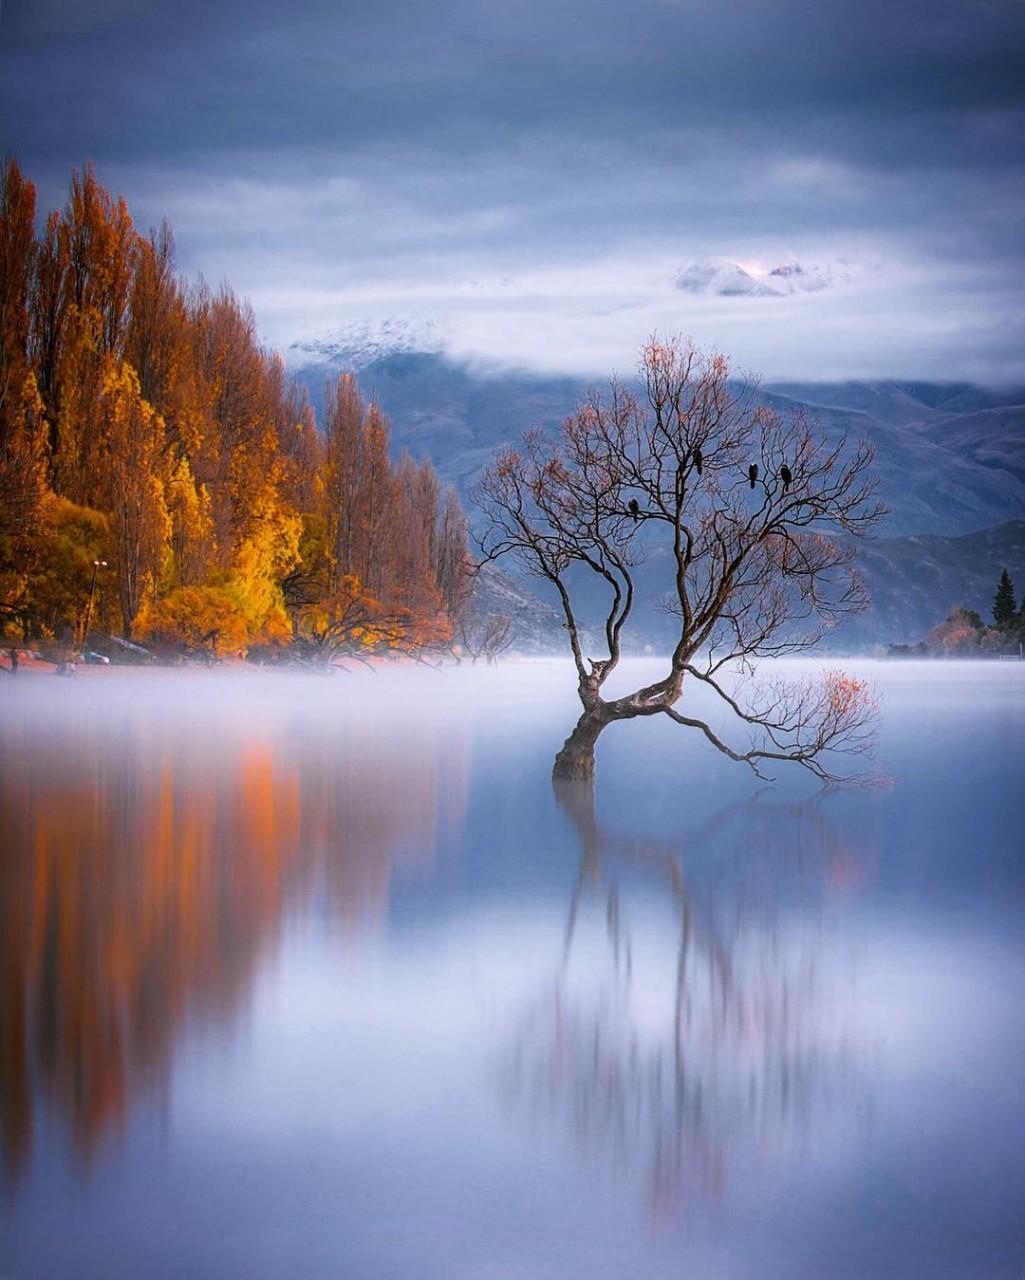 Захватывающие пейзажи Рейчел Стюарт